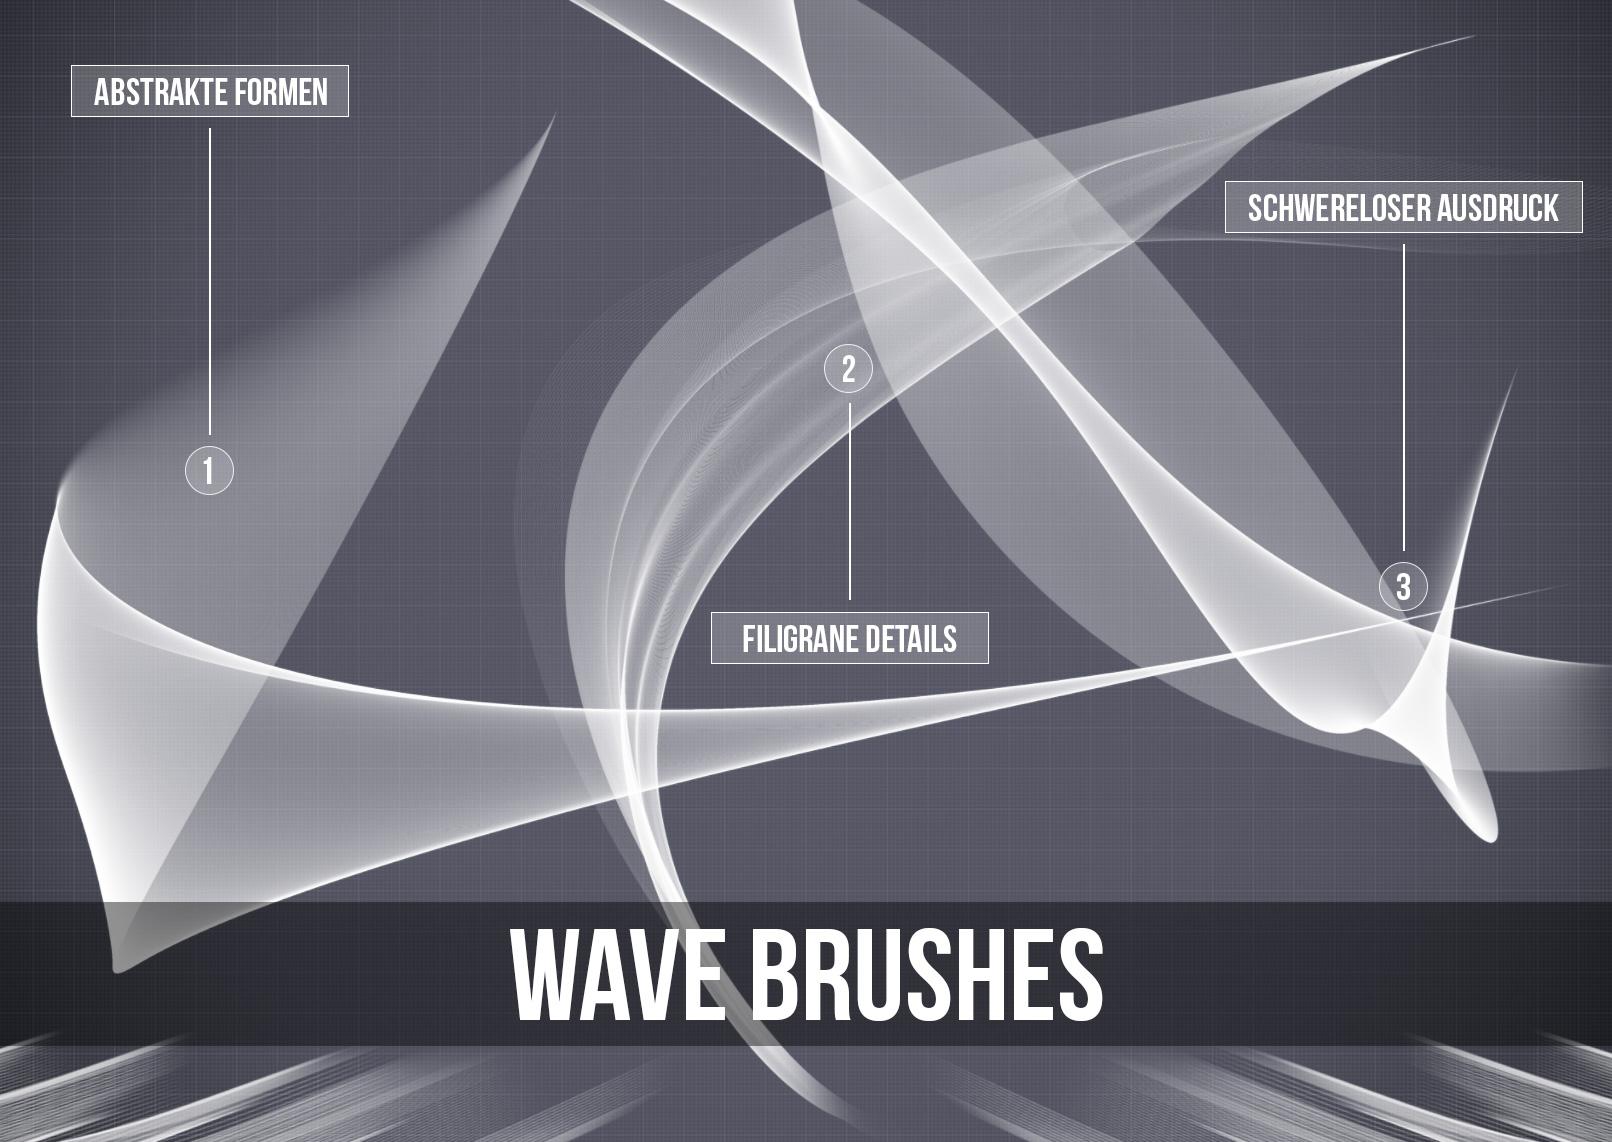 Anwendungsbeispiele für die kunstvollen Pinsel im Wave-Stil. Anschmiegsame Wellen und Wellenformationen für deine künstlerischen Designs